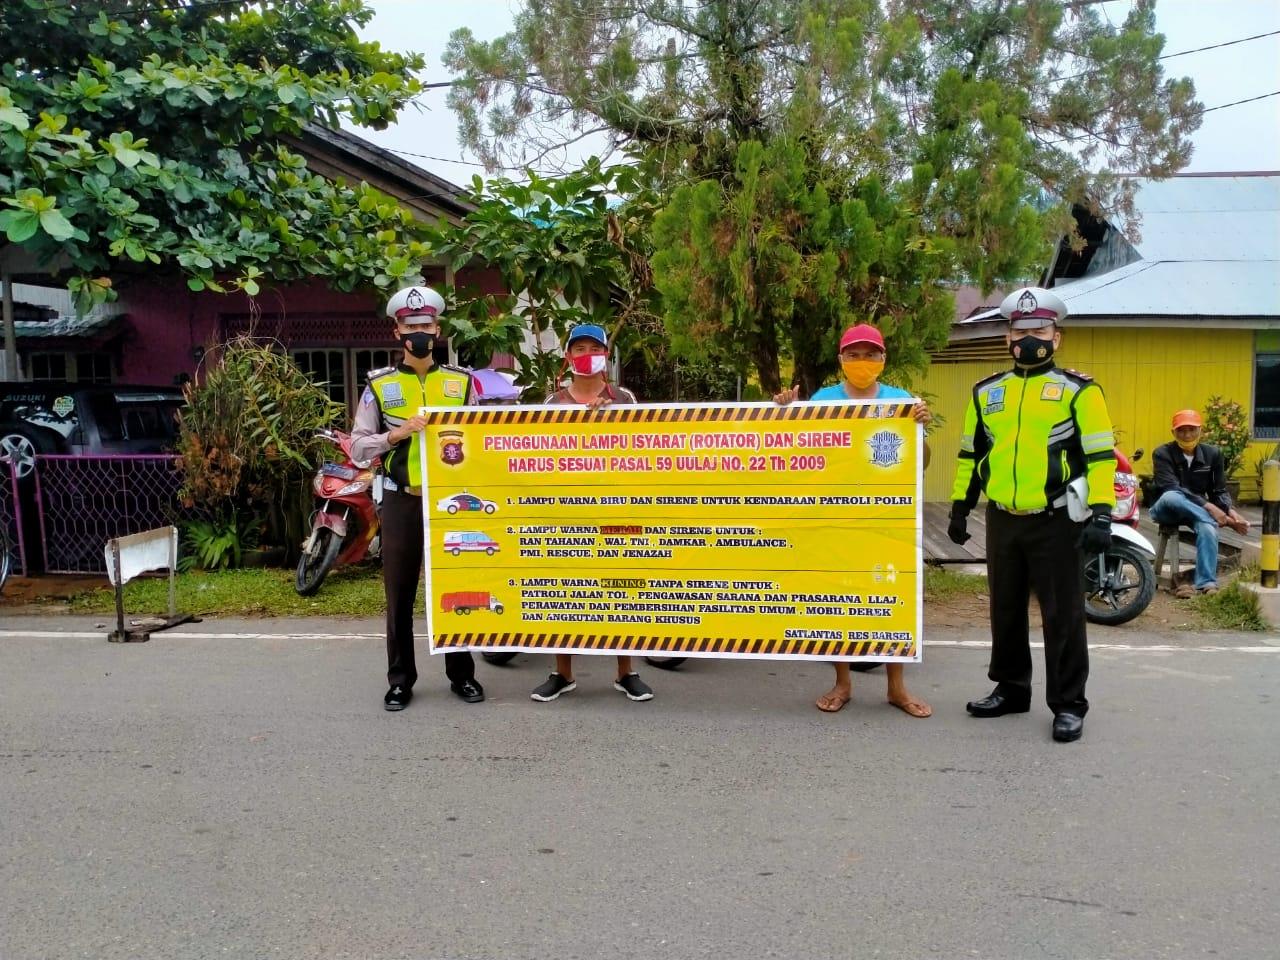 Sambil Gatur Lalin, Personel Satlantas Polres Barsel Sosialisasikan Pasal 59 UULAJ No 22 Tahun 2009